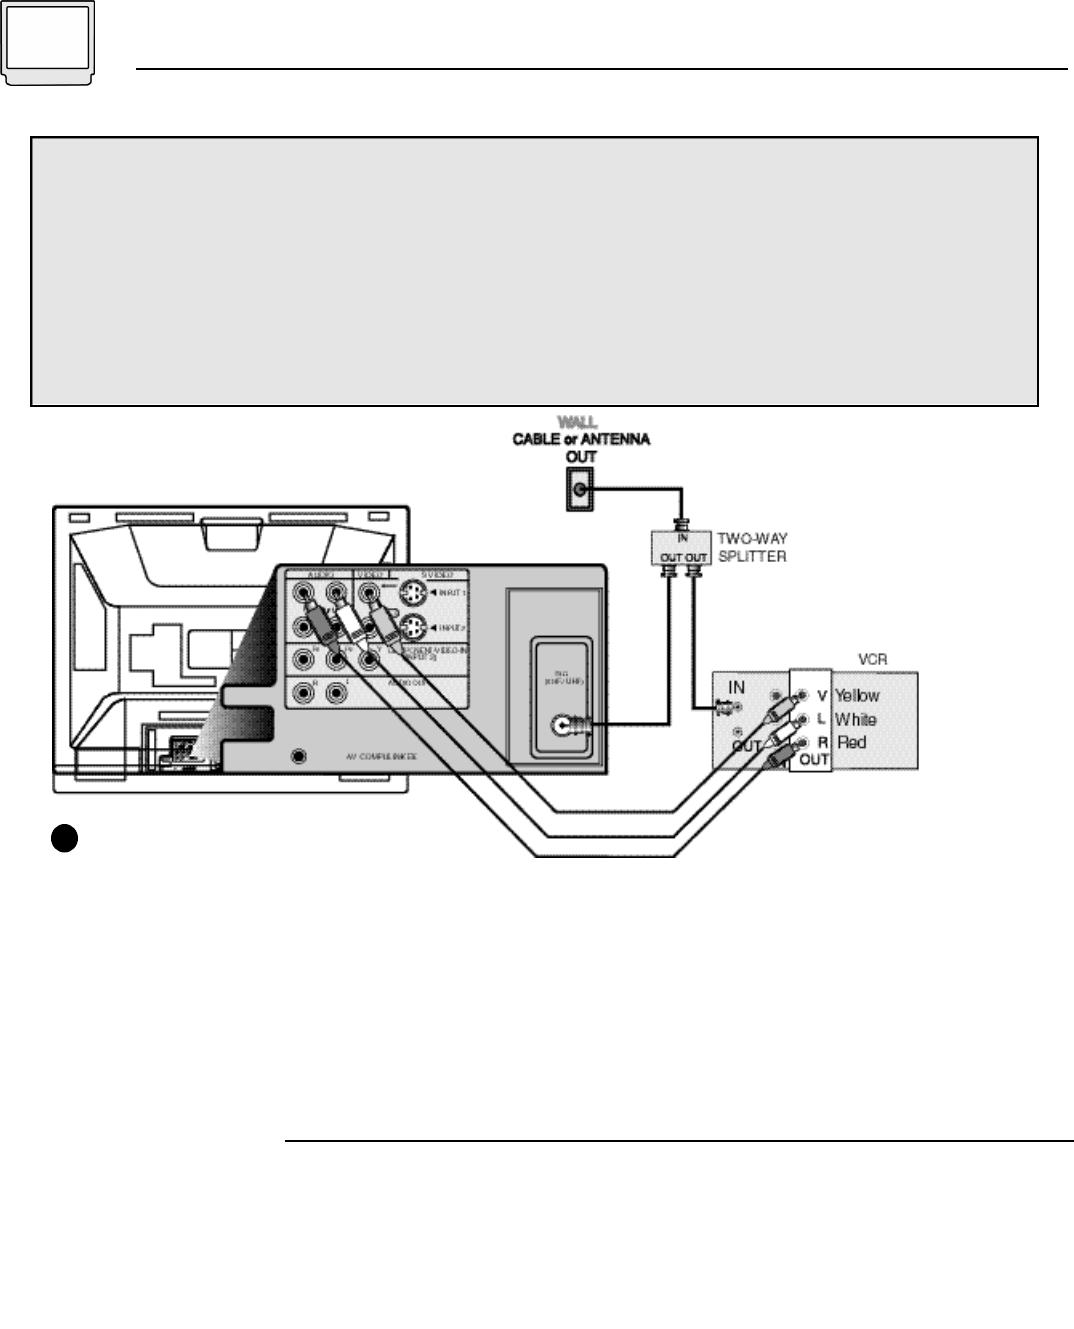 pip and vcr wiring diagram jvc av 32d501  av 36d501 cable and vcr connections  jvc av 32d501  av 36d501 cable and vcr